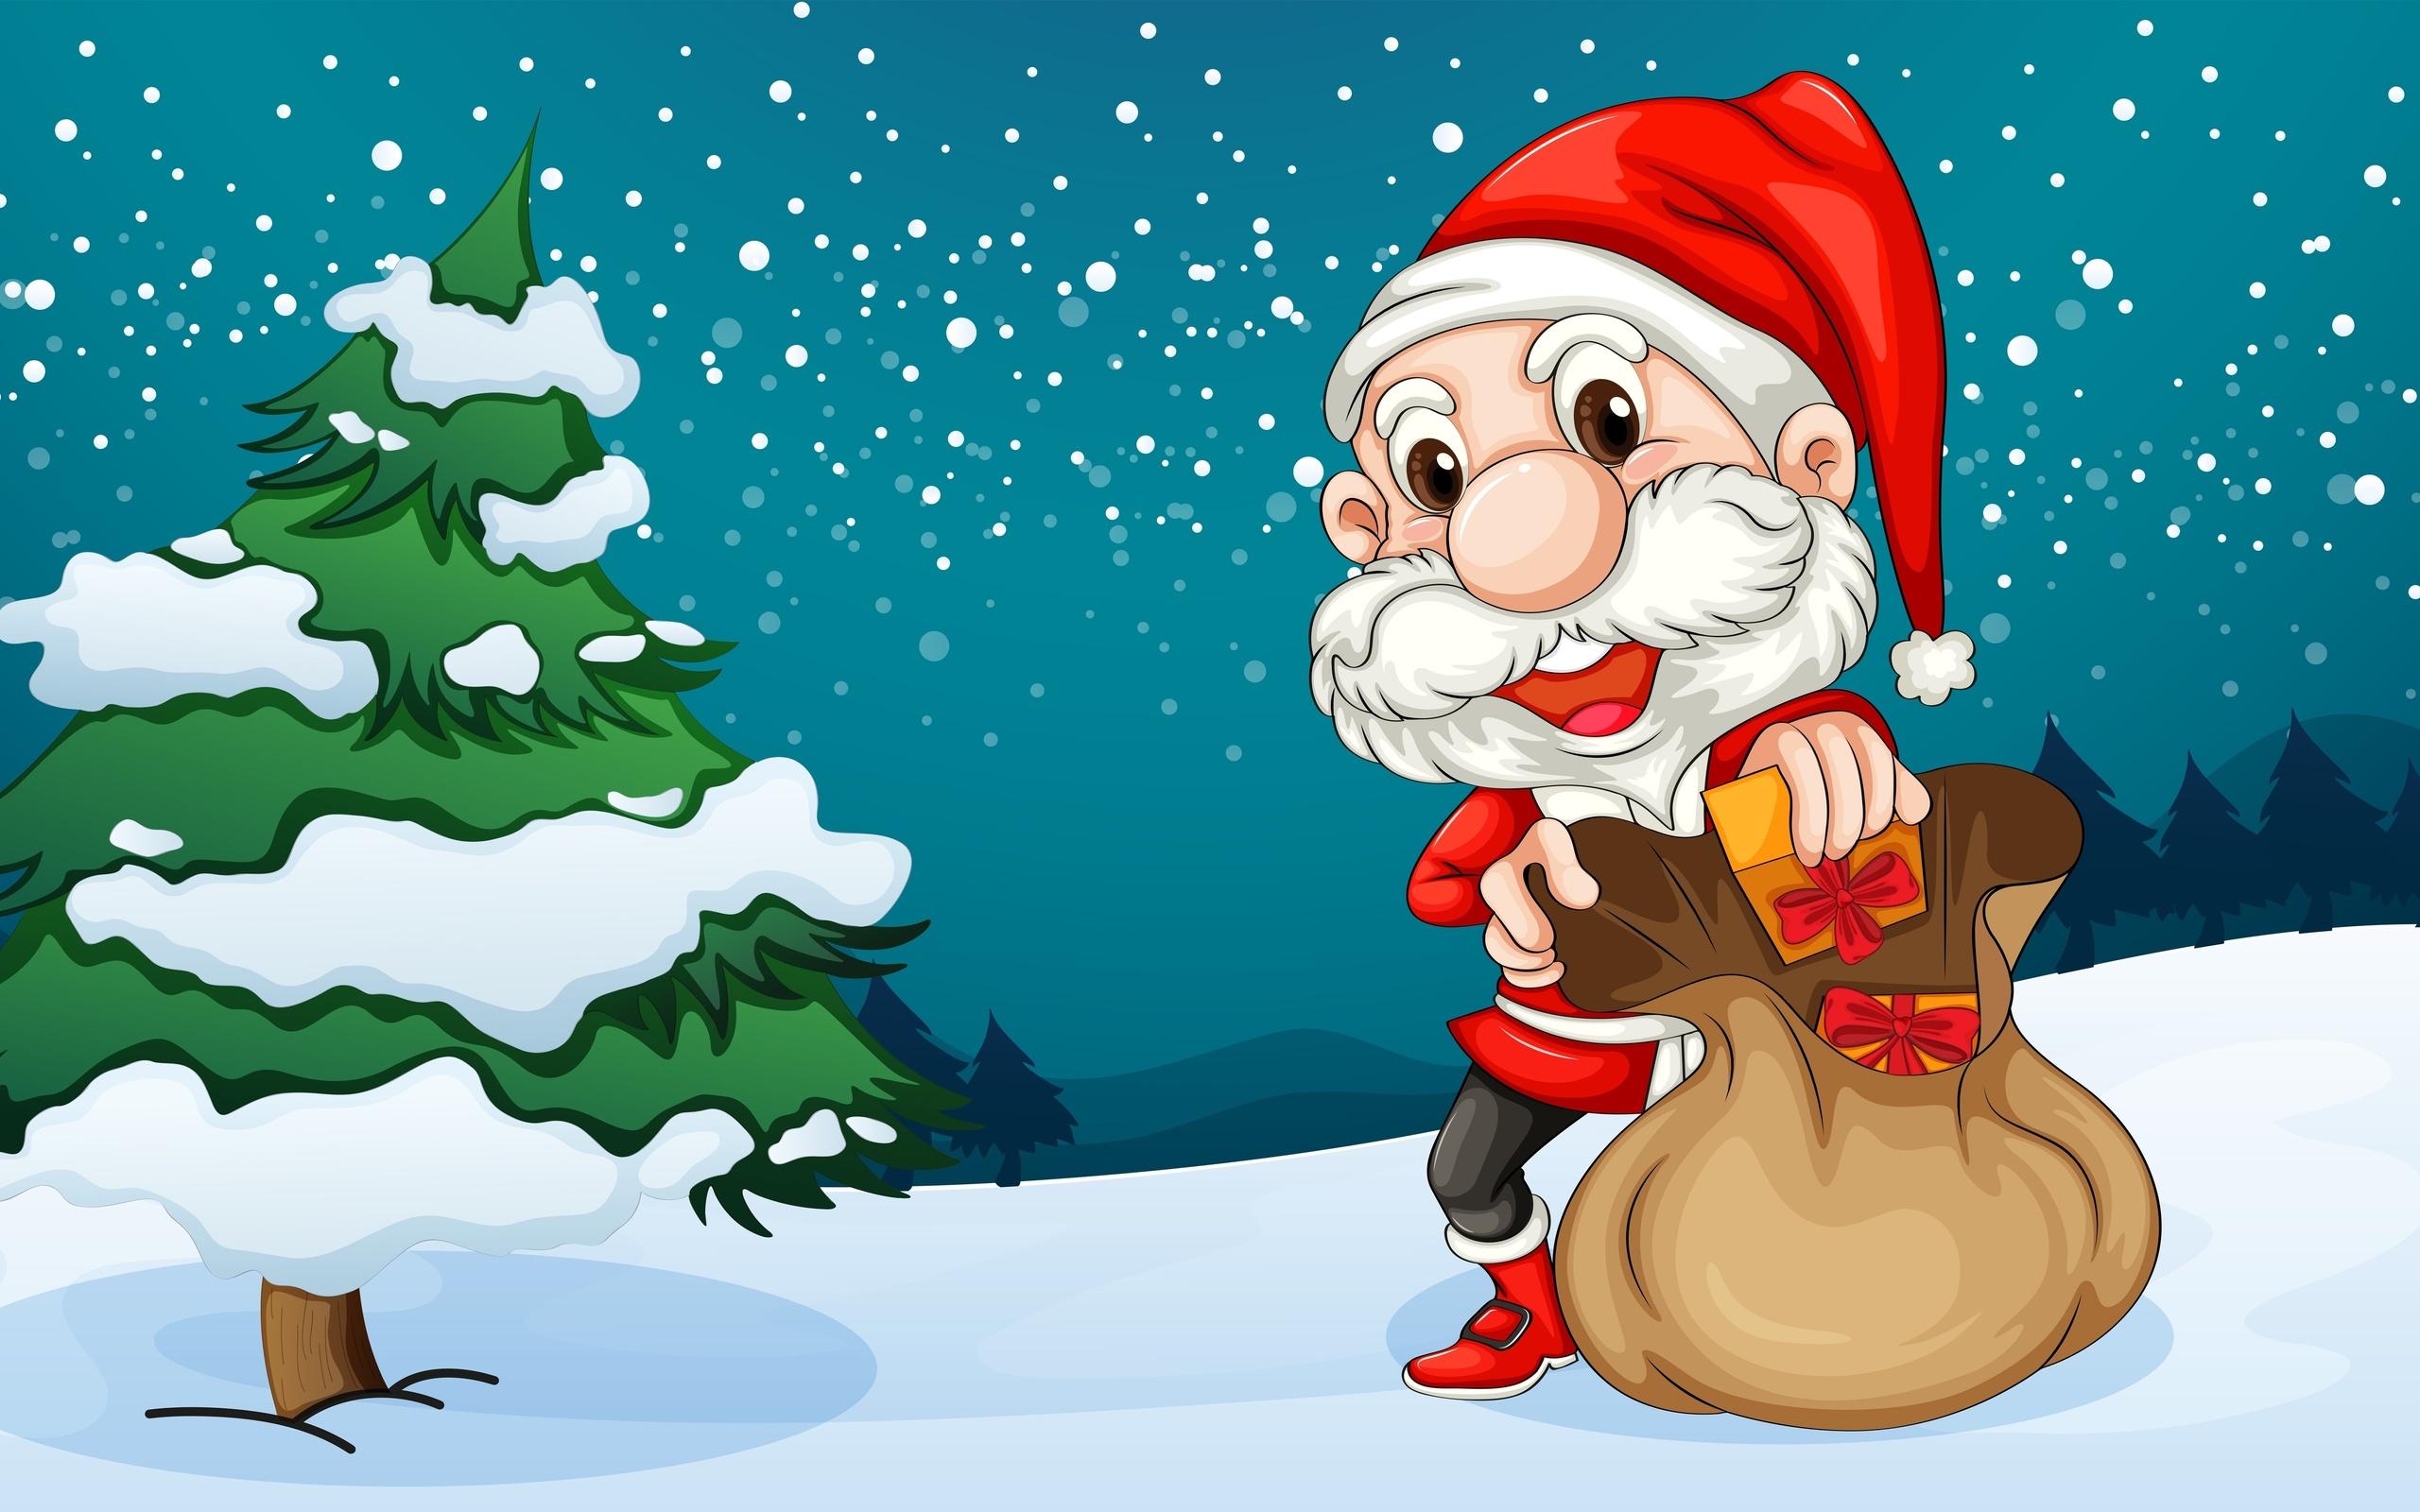 Про, смешные и красивые рисунки на новый год